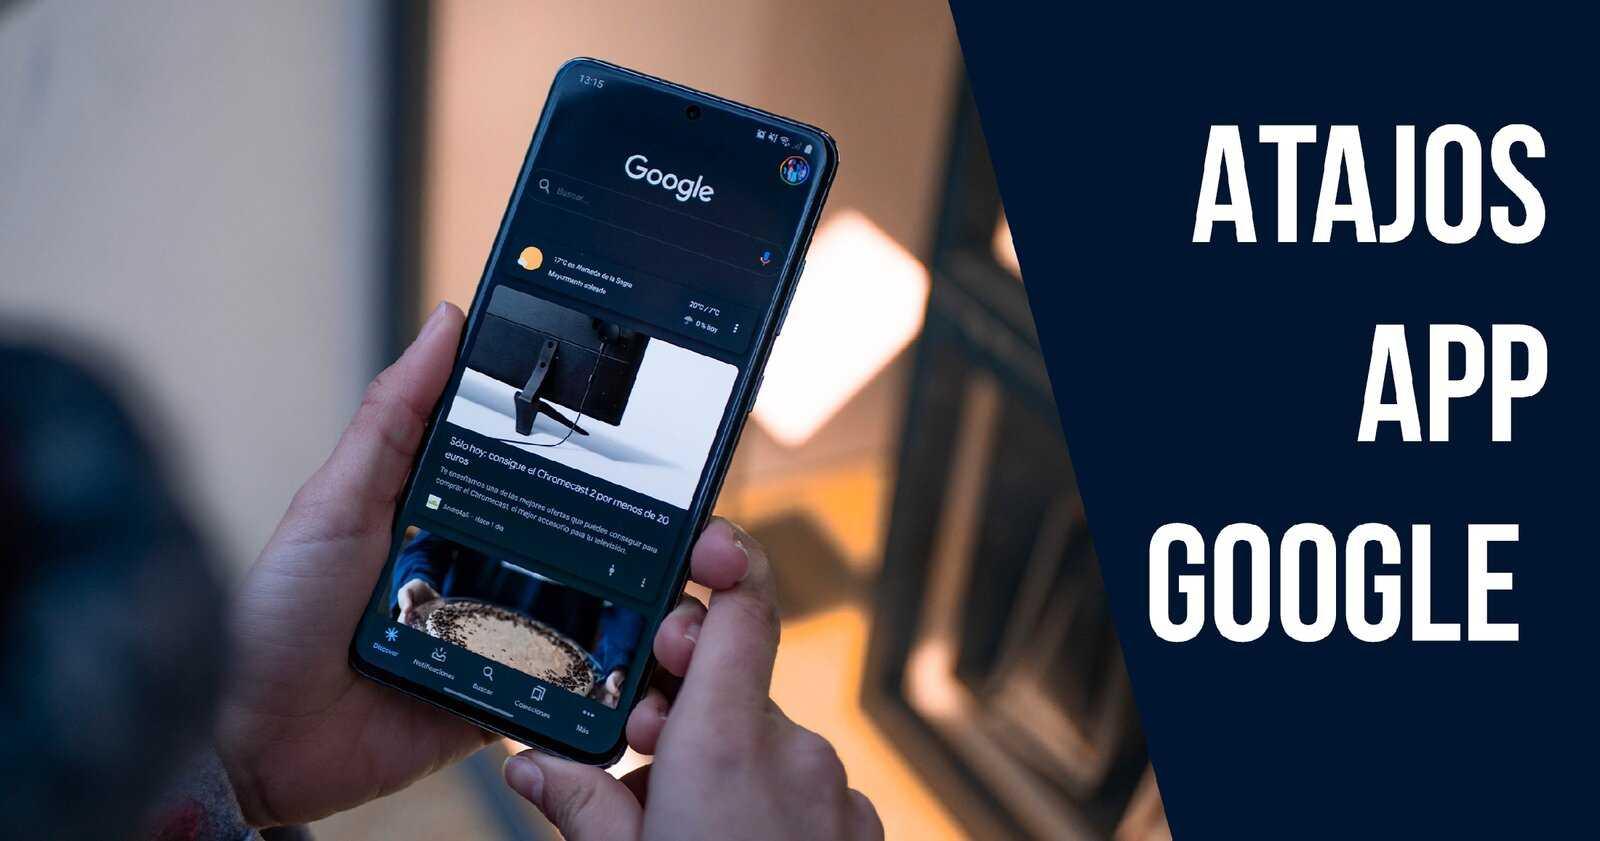 Raccourcis pour l'application Google sur un mobile Android